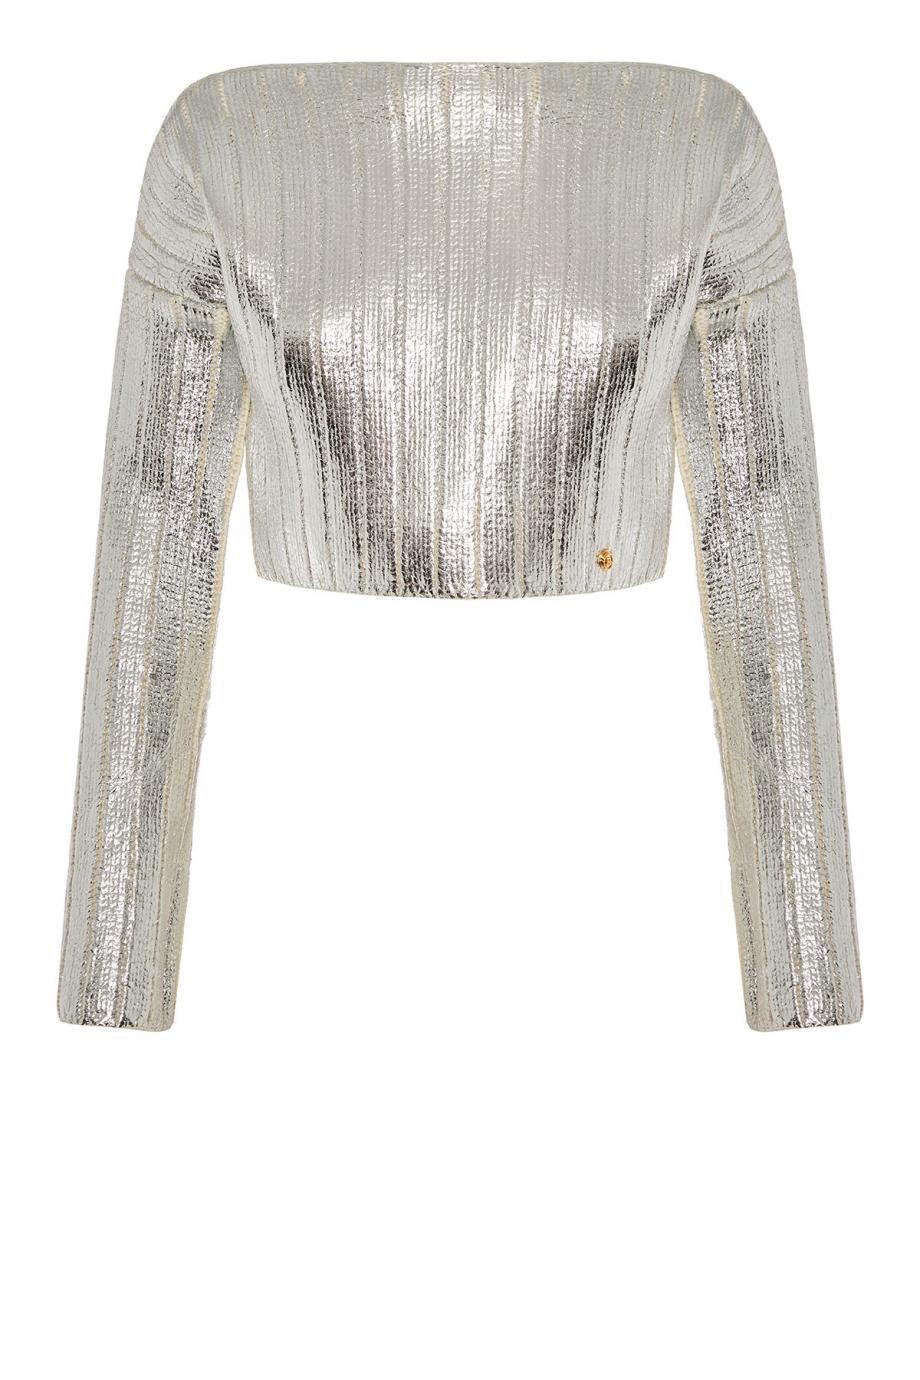 Cropped metallic sweater